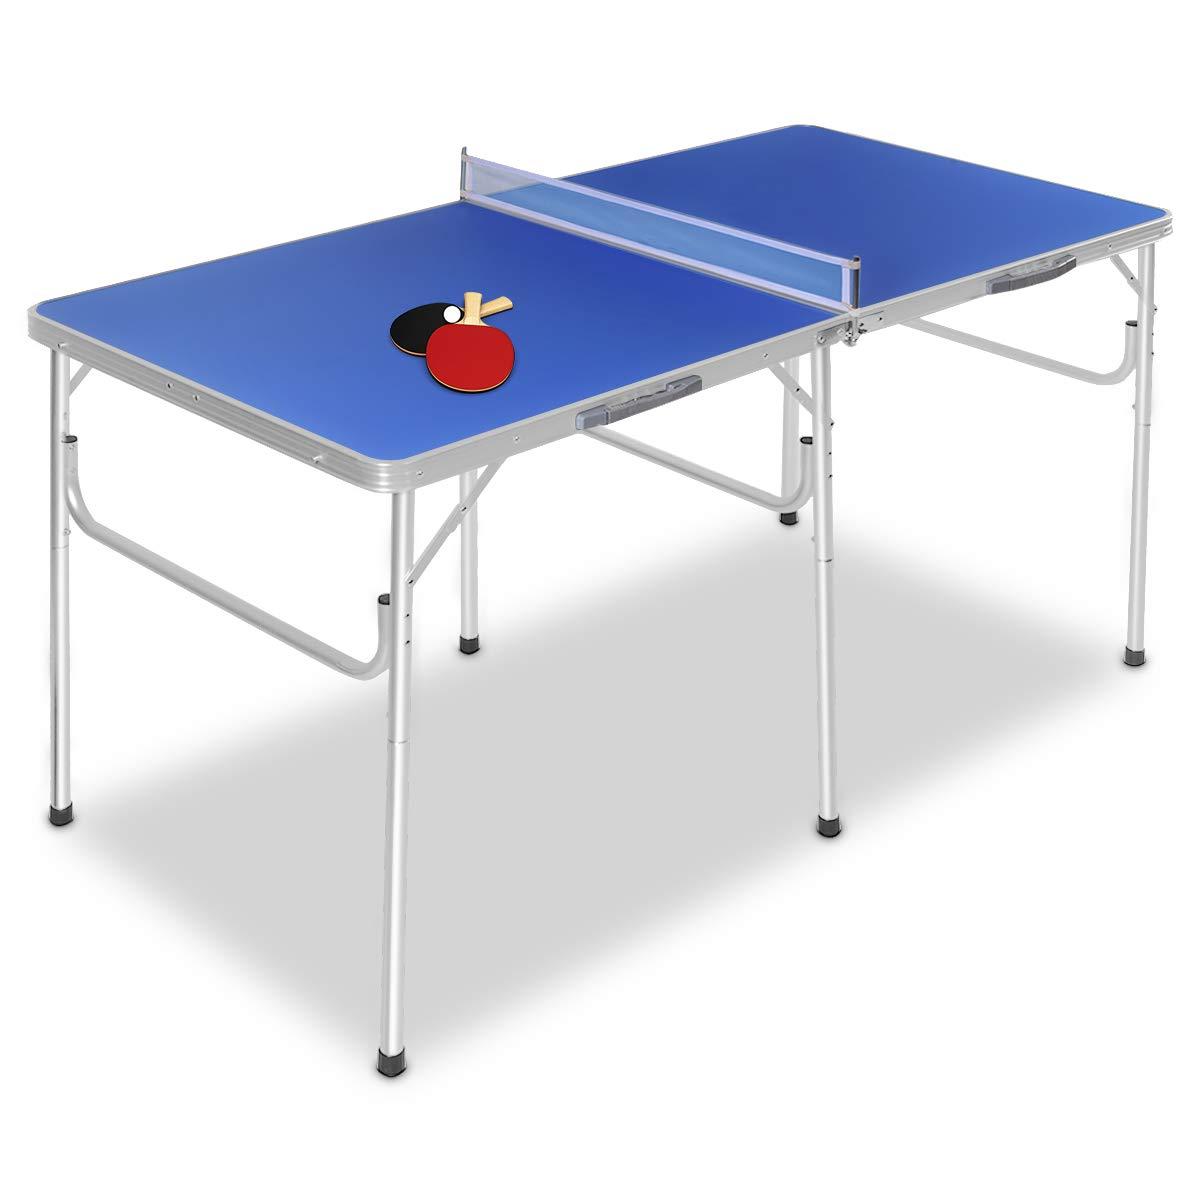 COSTWAY Mesa Ping Pong Plegable Tenis de Mesa con Red 152,4 x 76,2 x 76,2cm con Raquetas Pelotas y Red: Amazon.es: Deportes y aire libre